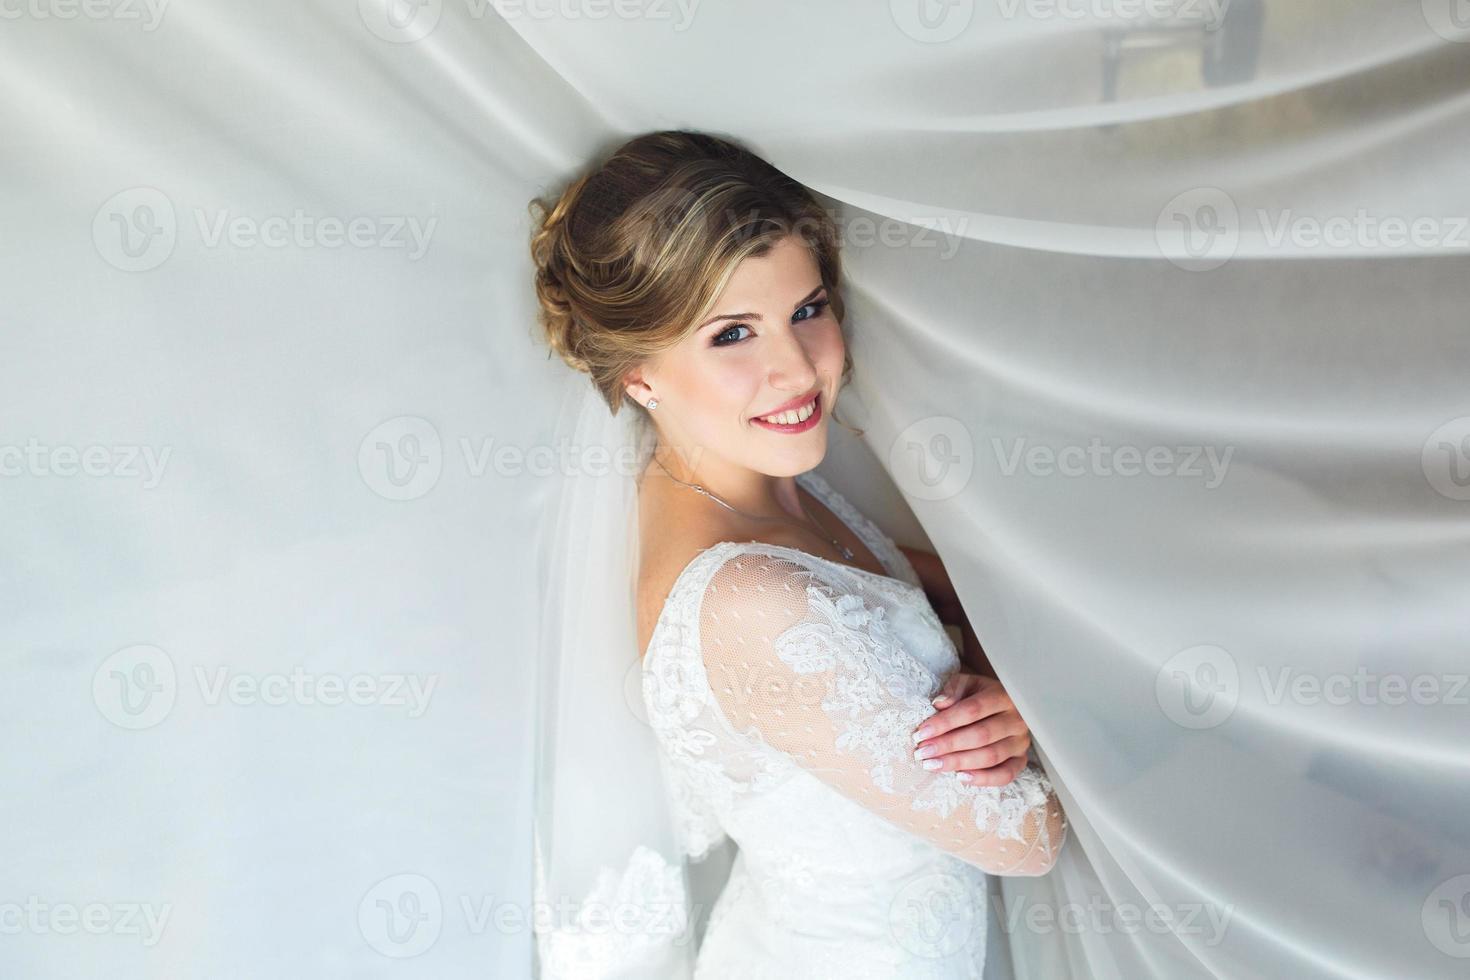 Bride posing in a hotel room photo